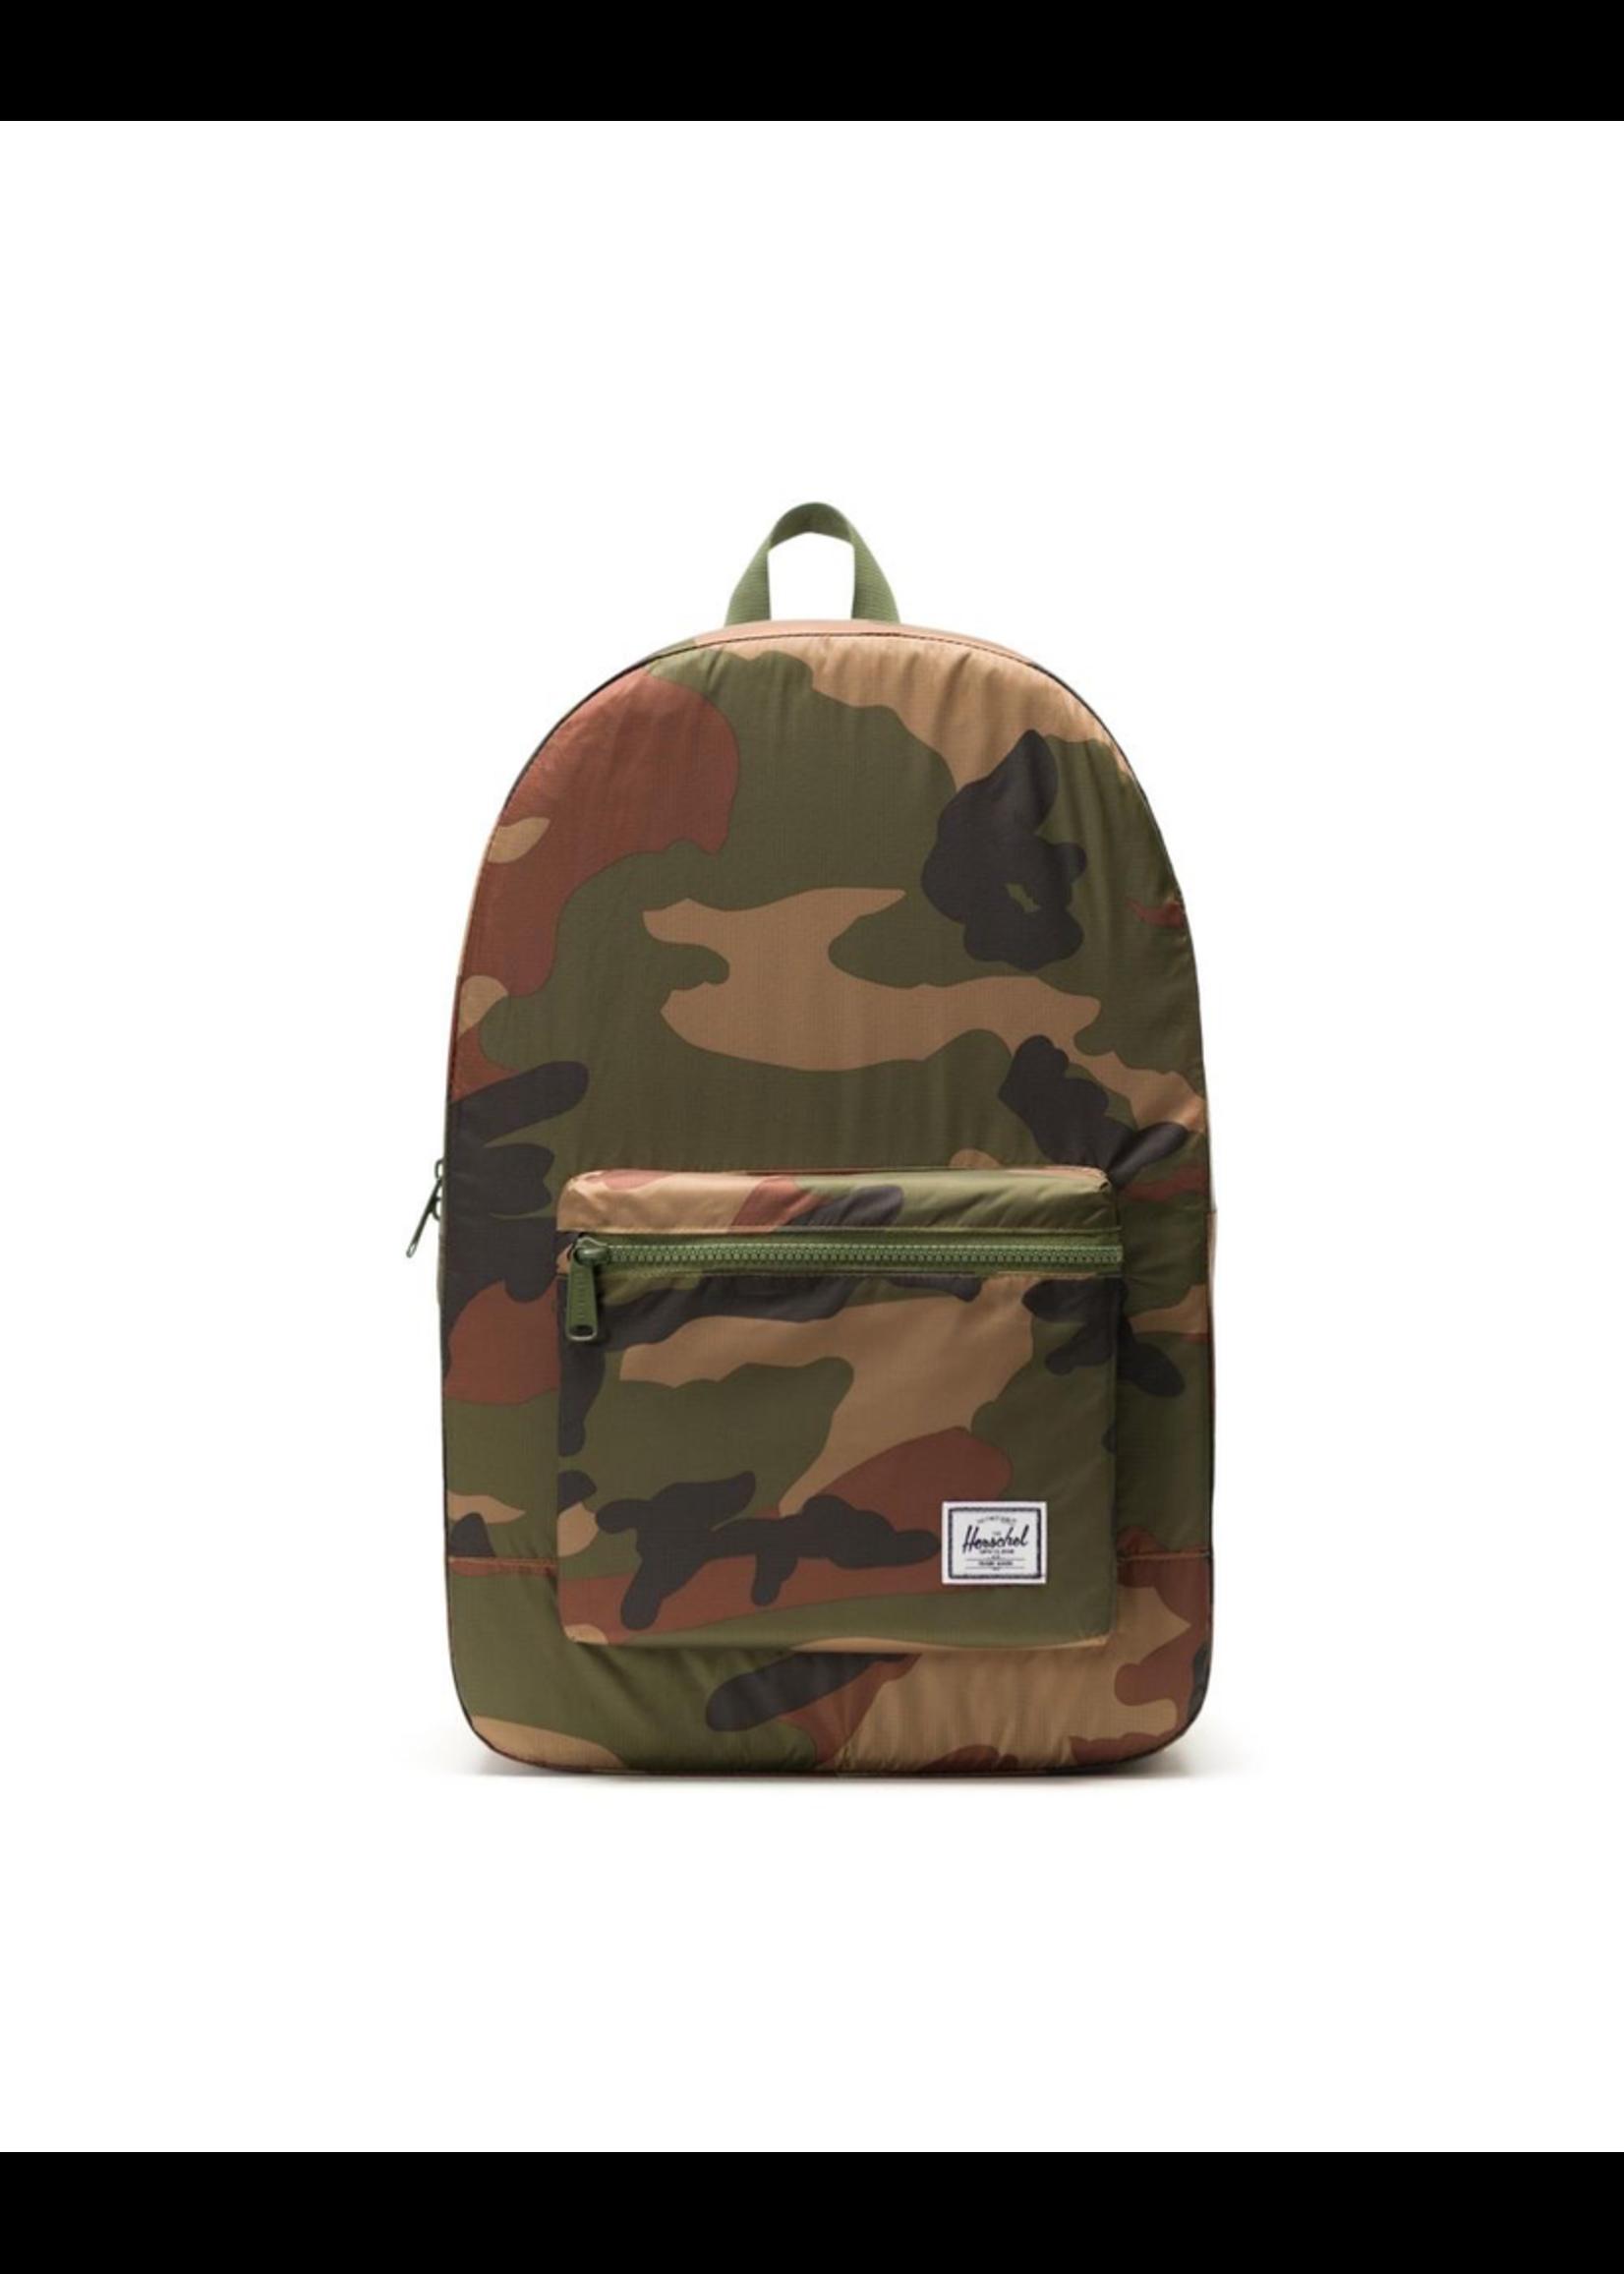 Herschel Supply Co. Herschel Adult Packable Daypack, Camo, 24.5L